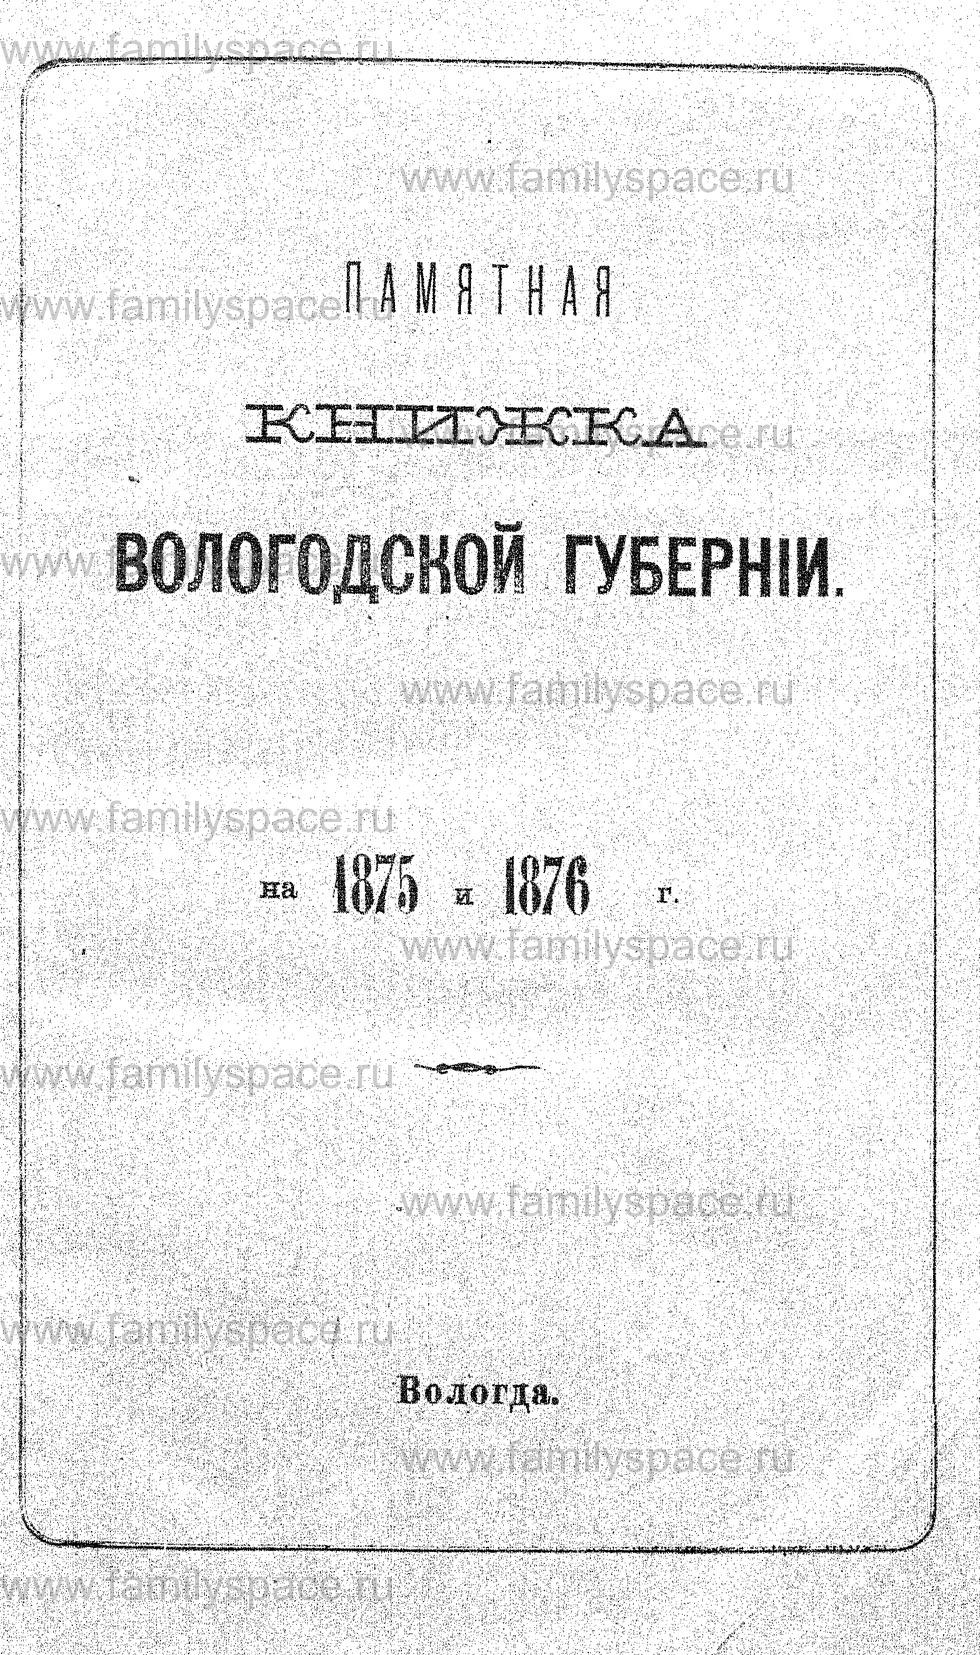 Поиск по фамилии - Памятная книжка Вологодской губернии на 1875 и 1876 гг, страница 1